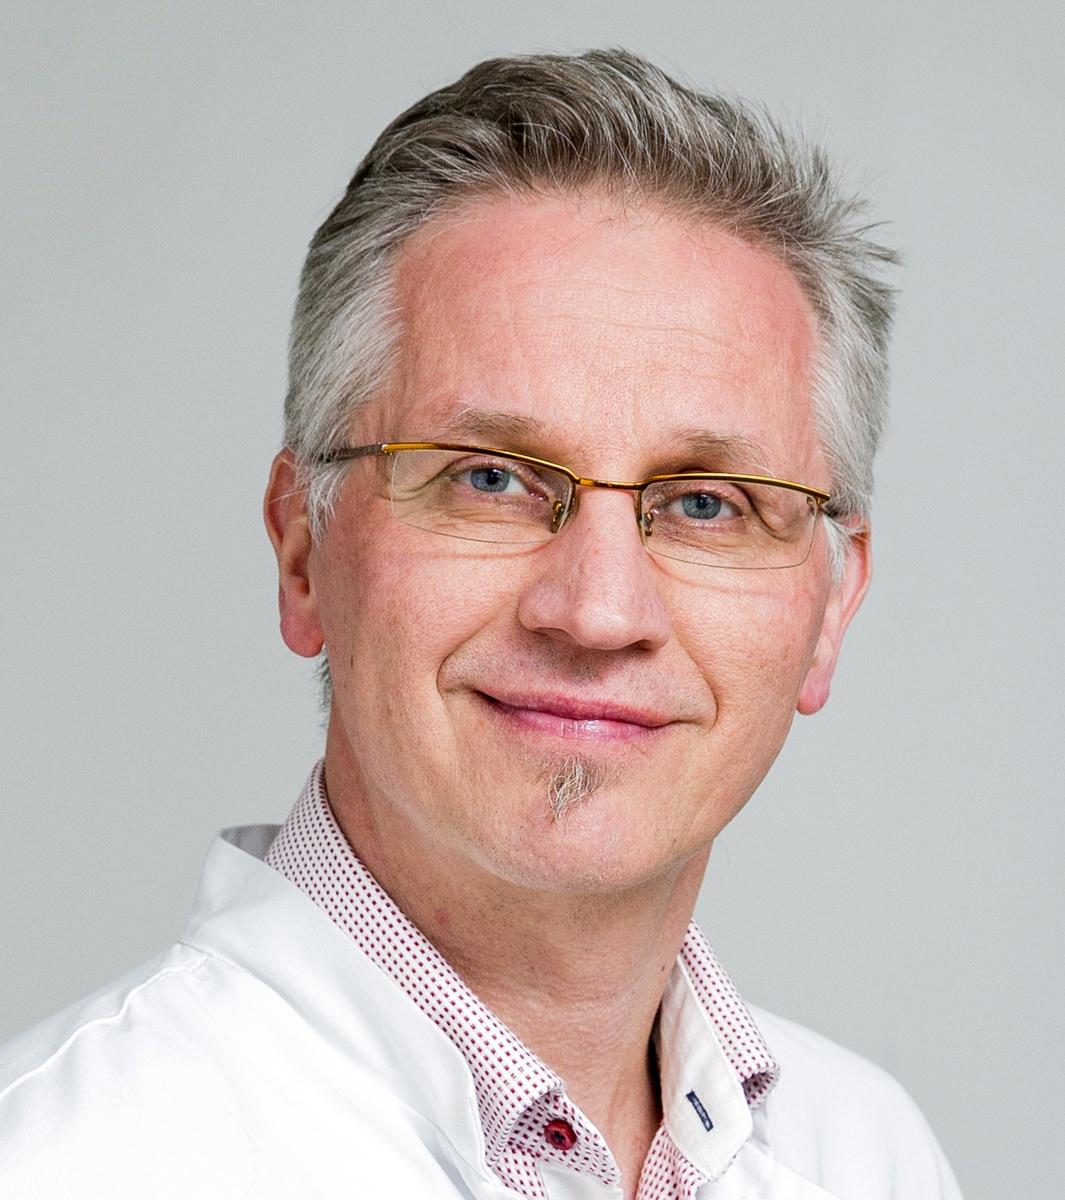 Juha Kärkkäinen